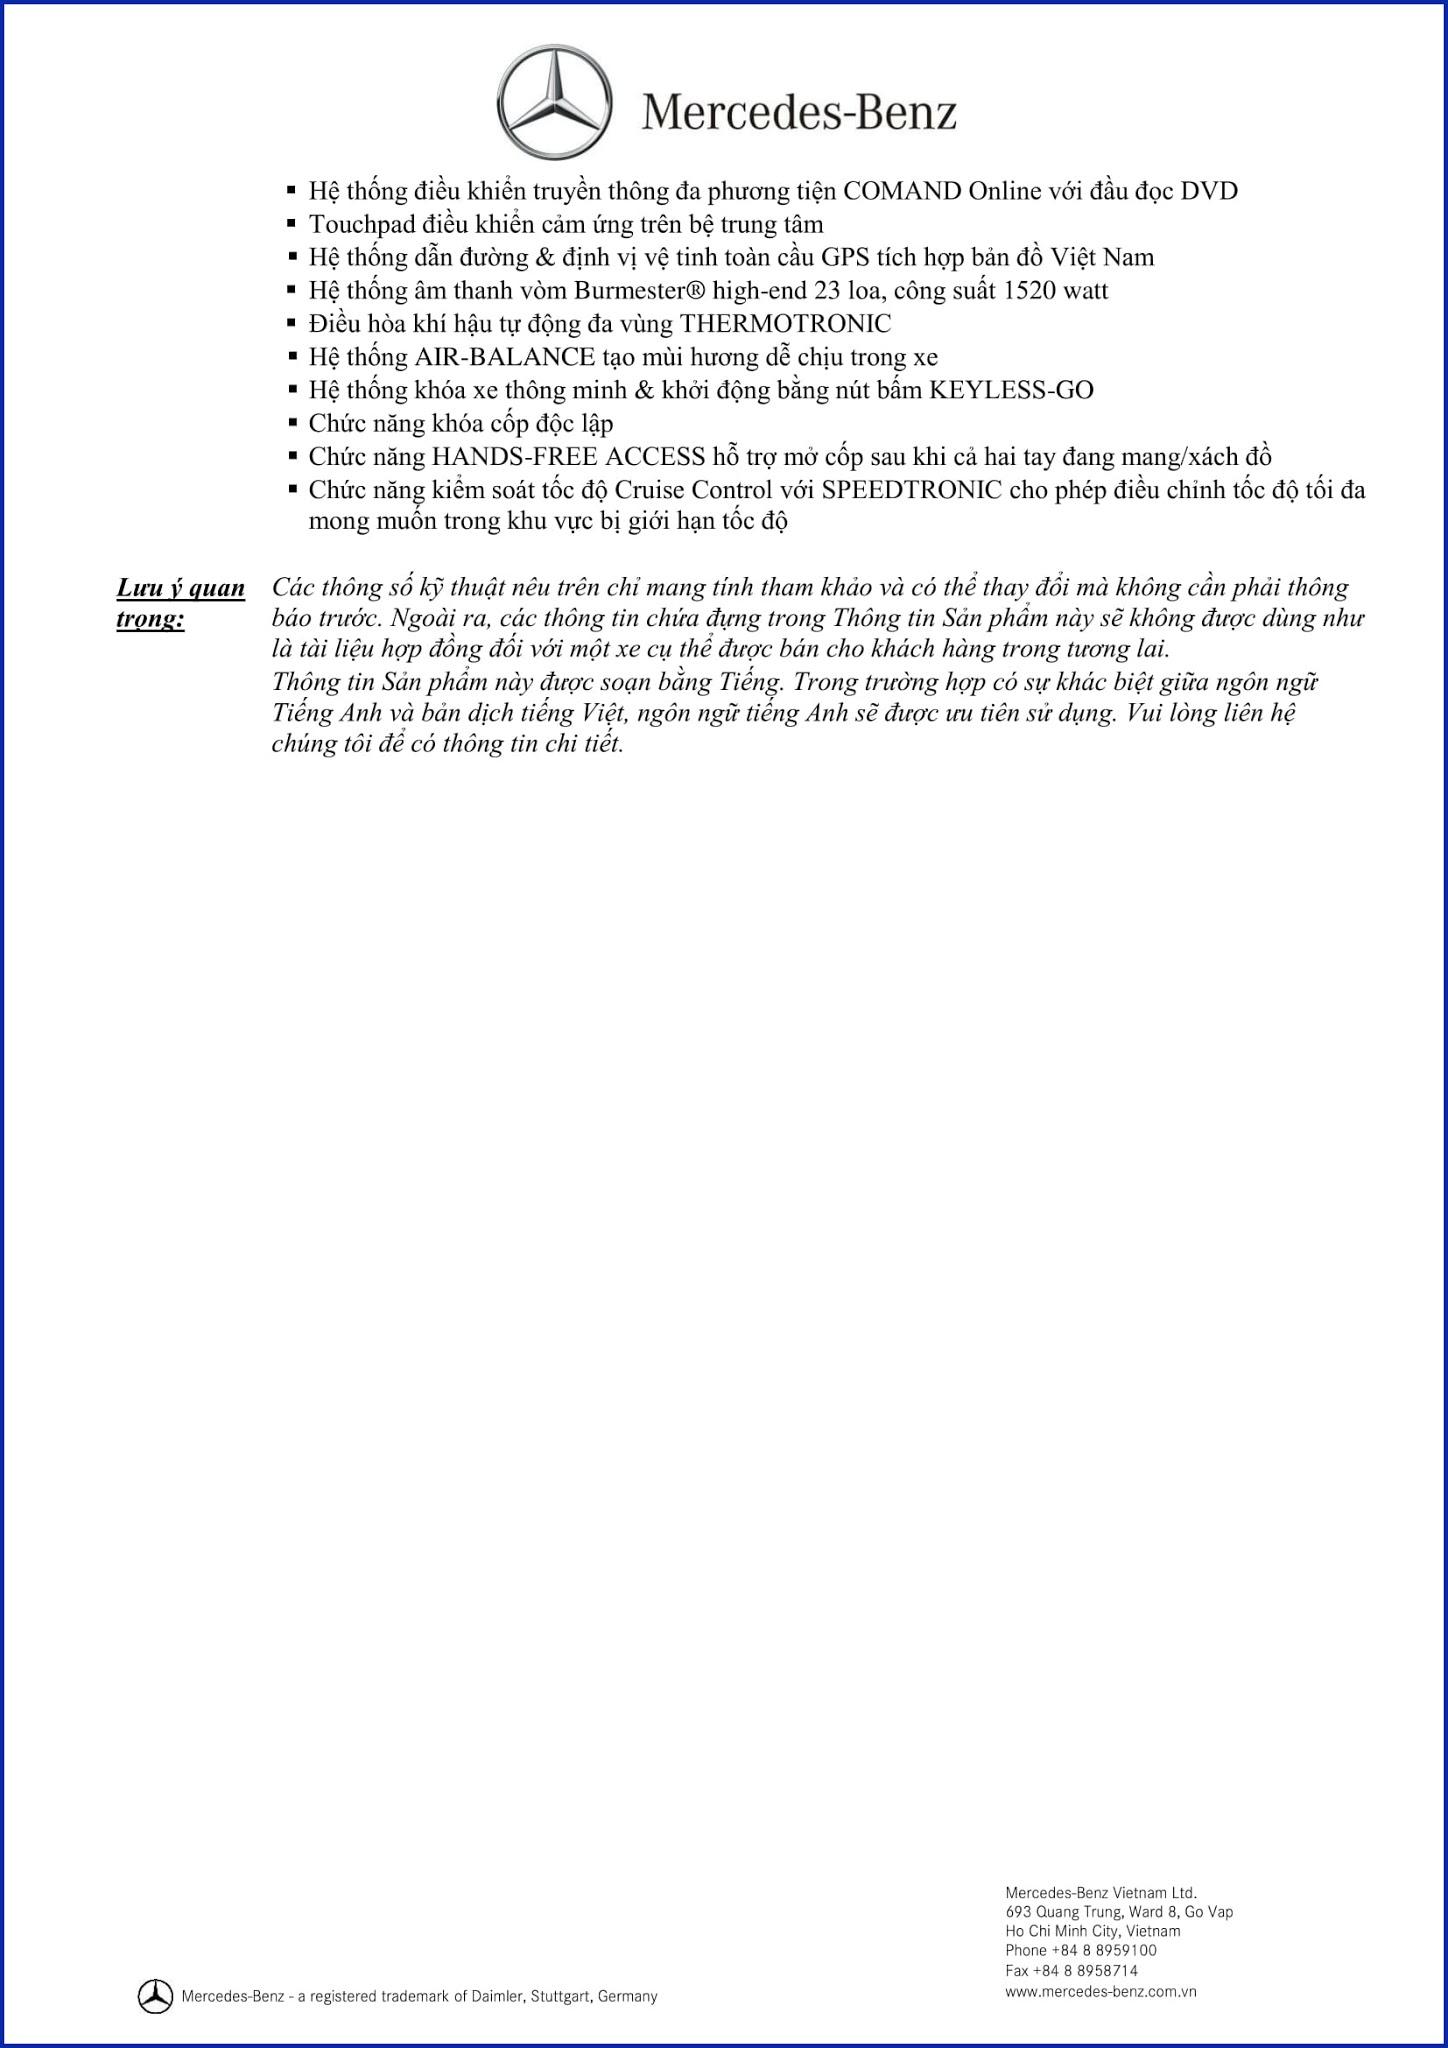 Bảng thông số kỹ thuật Mercedes S500 Cabriolet 2019 tại Mercedes Trường Chinh